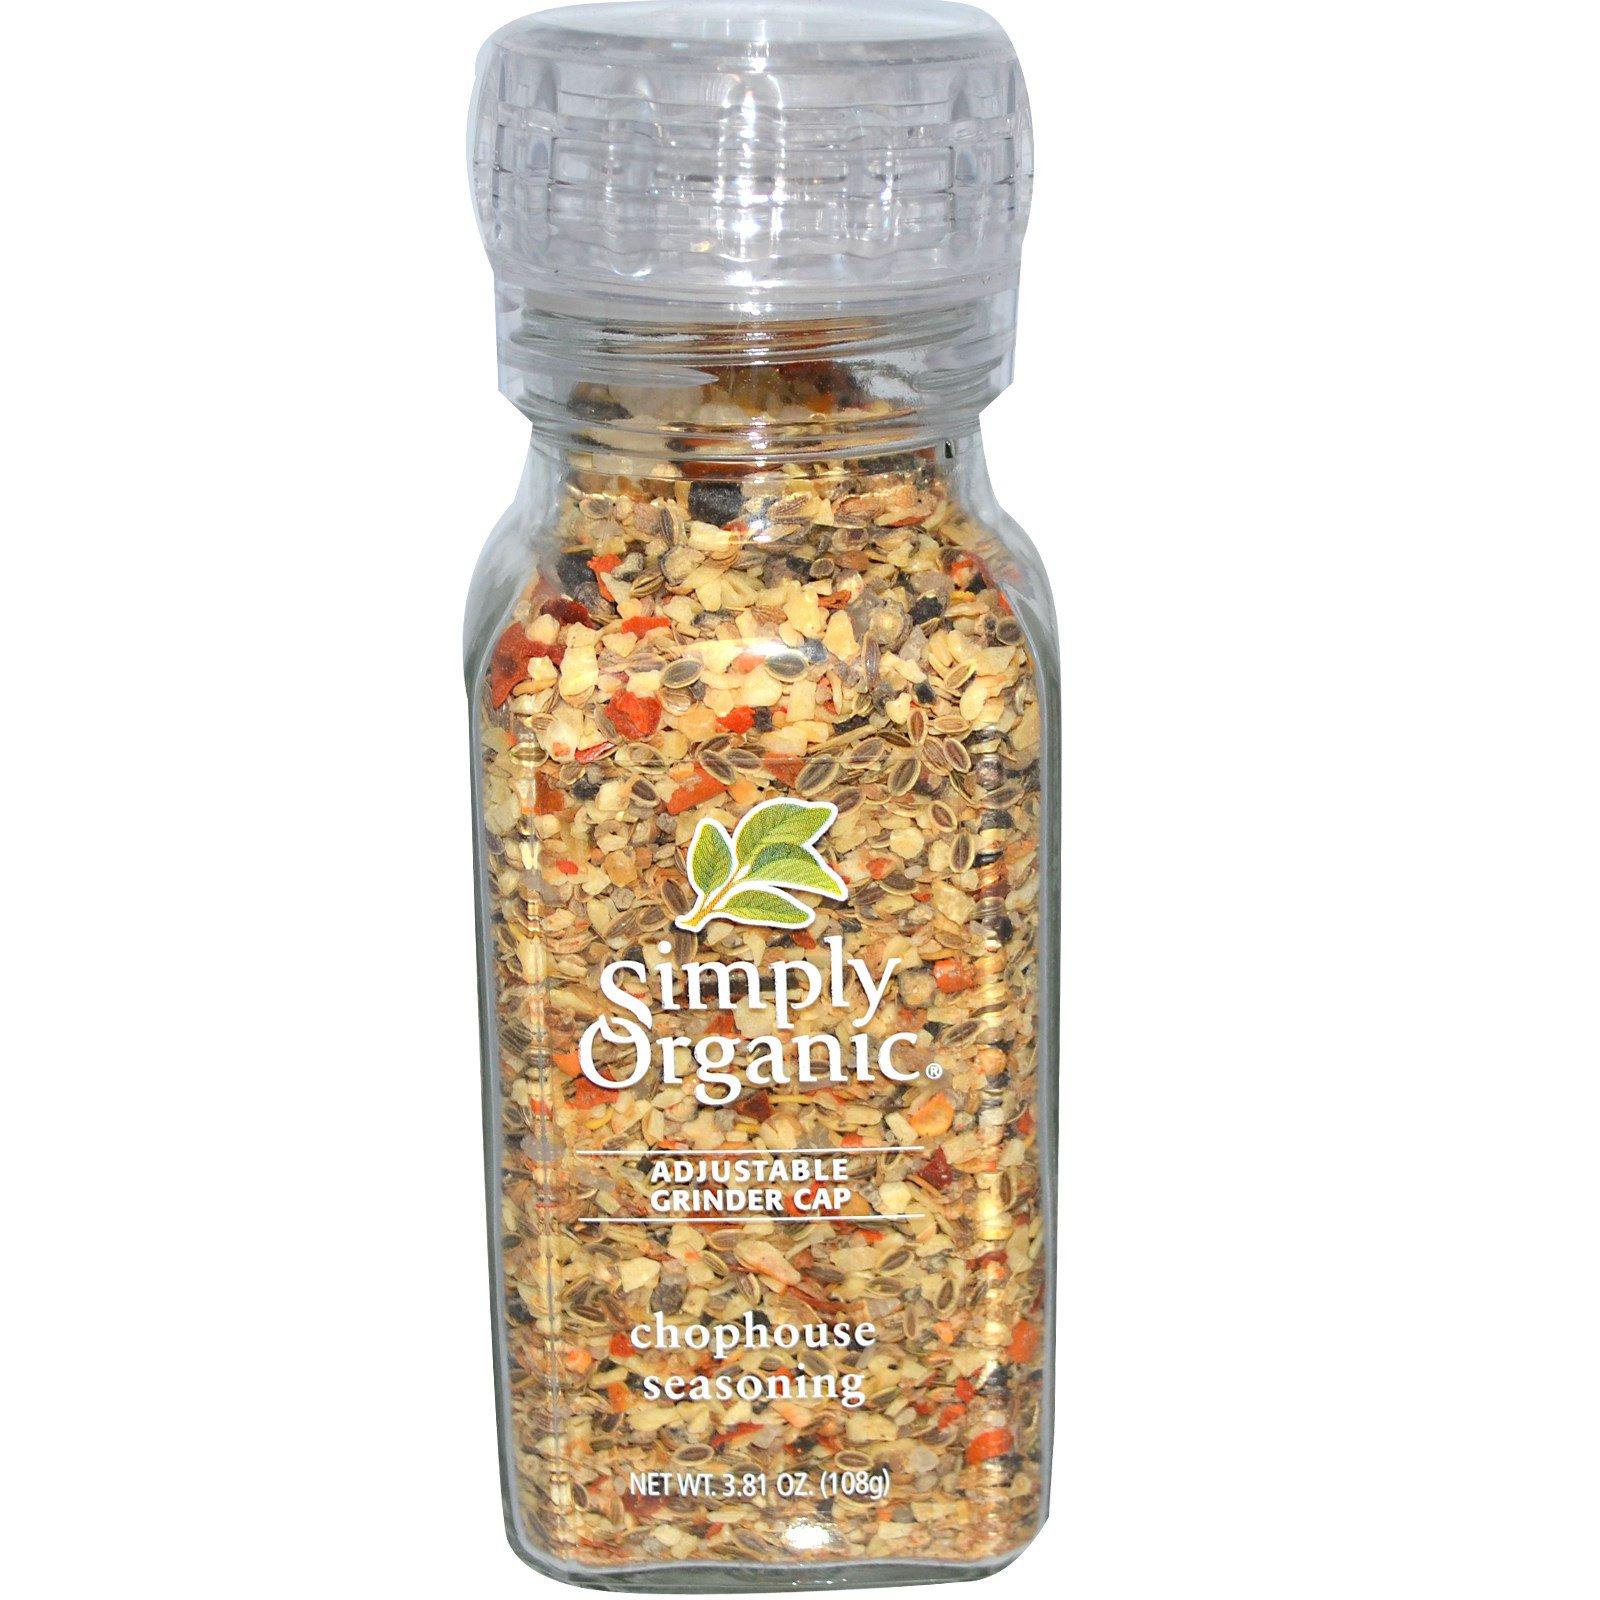 Simply Organic, Приправа для стейков с регулируемой мельничкой, 3,81 унции (108 г)